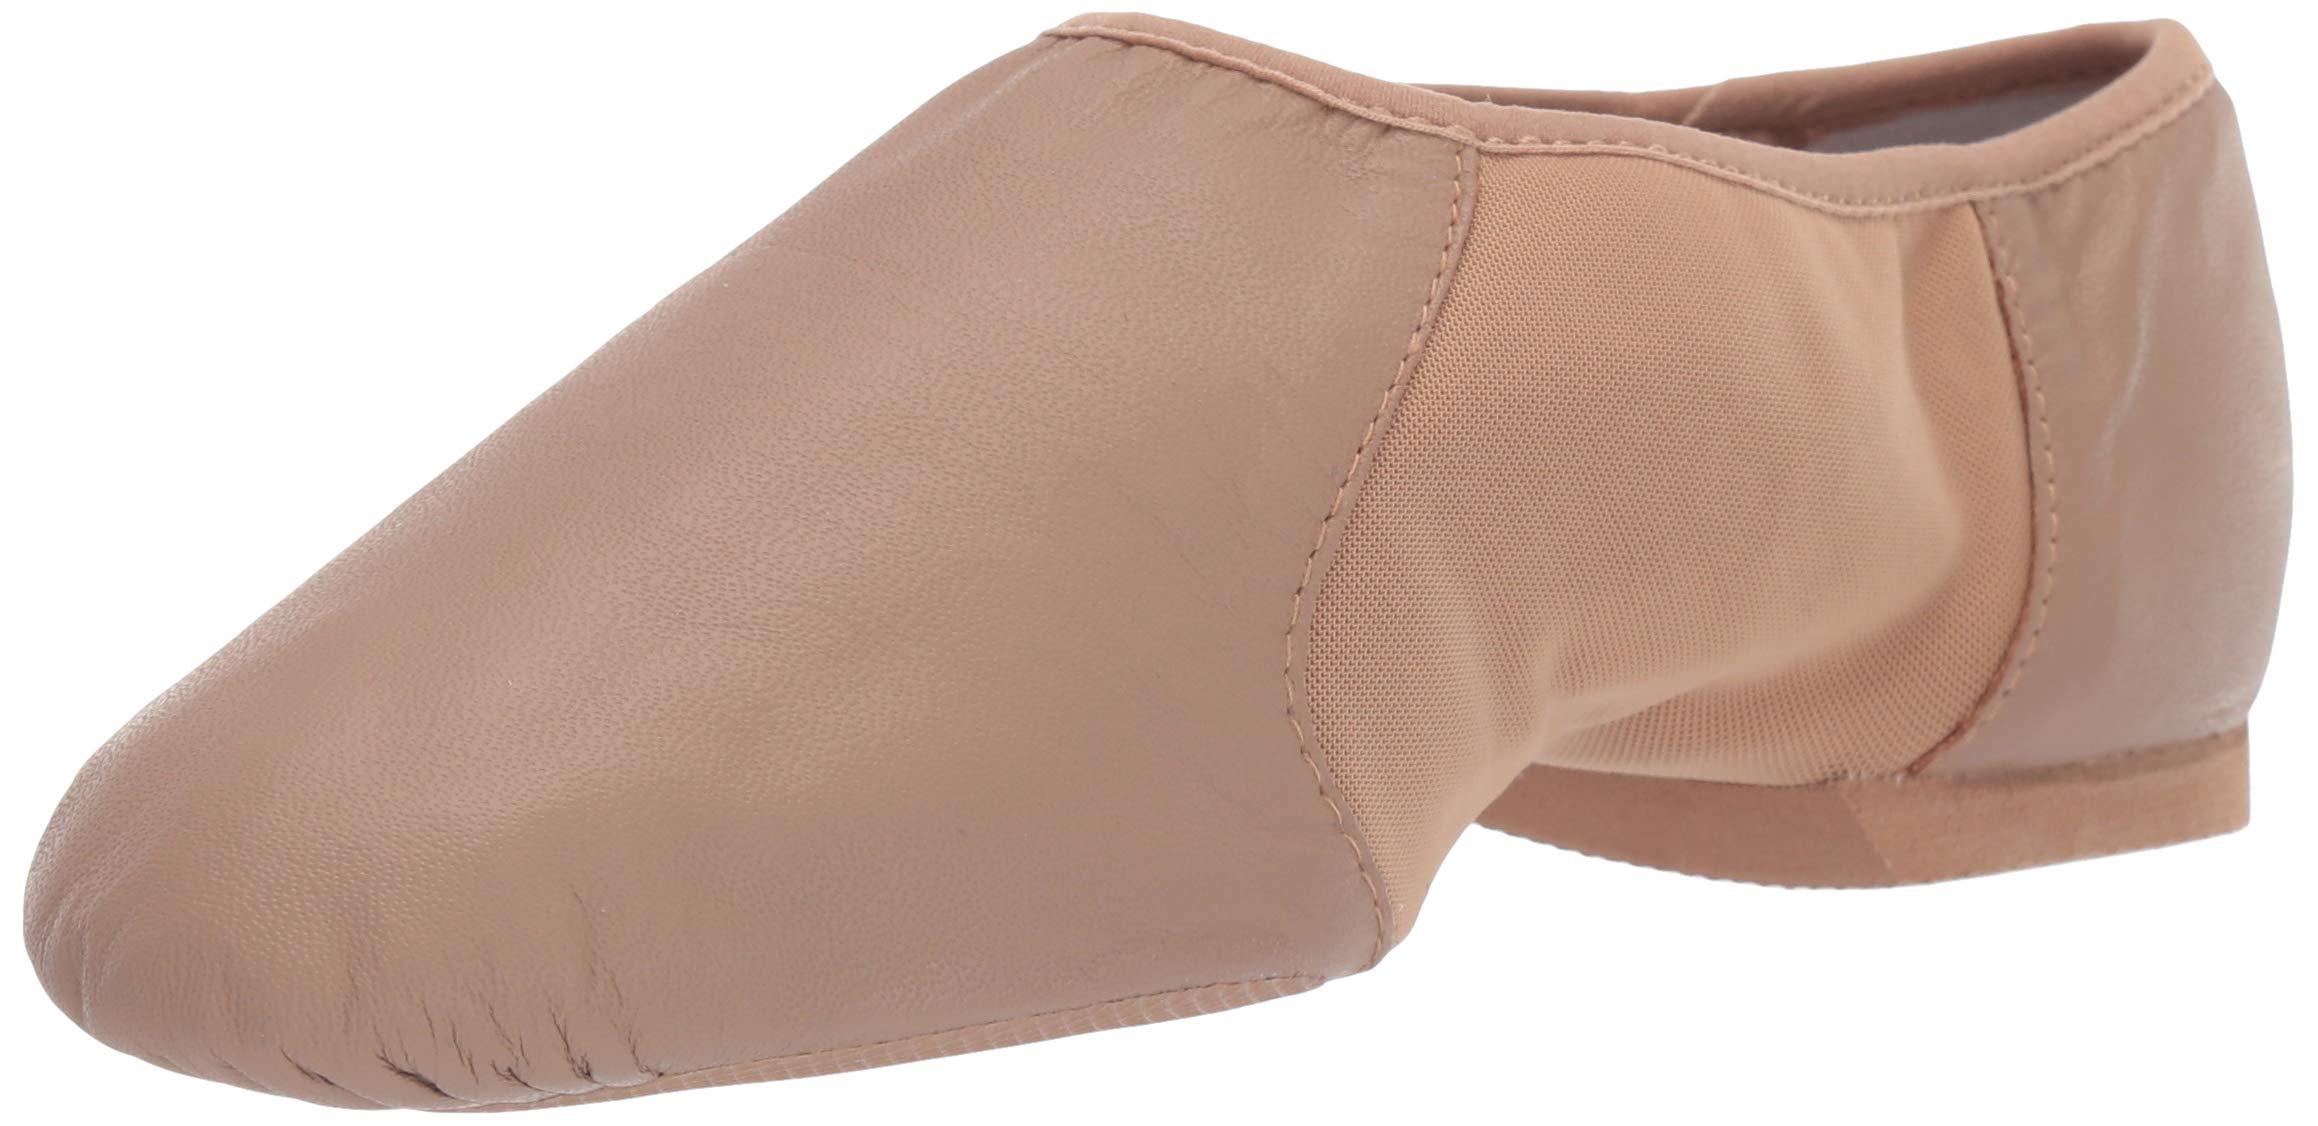 Bloch Neo-Flex Jazz Shoe S0495L, Tan, 8 M US by Bloch